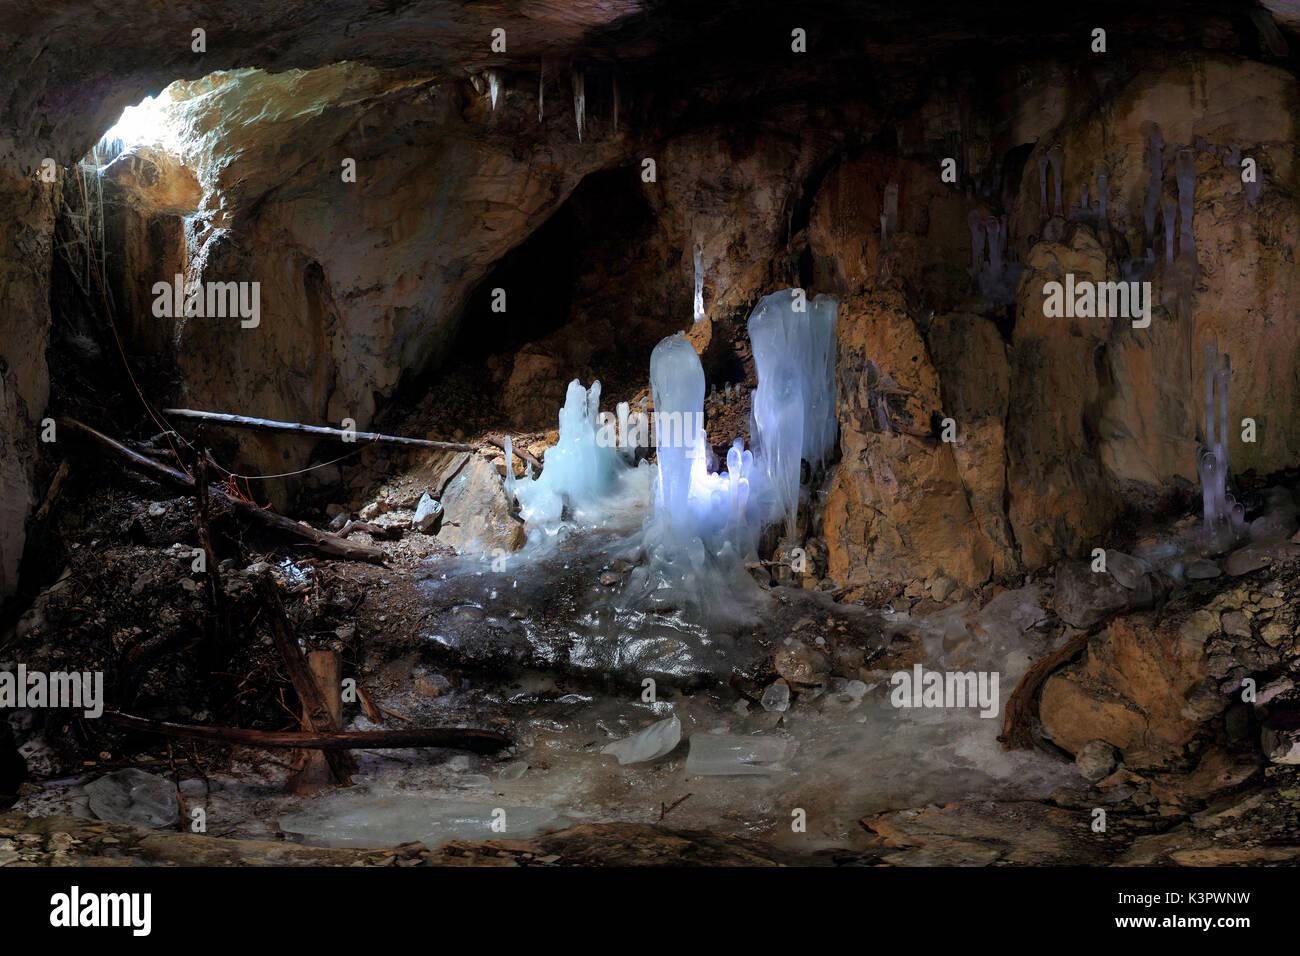 Dentro de la panorámica completa Moncodeno cueva con su peculiar esculturas de hielo, Grigna Settentrionale, provincia de Lecco, Lombardía, Italia Imagen De Stock